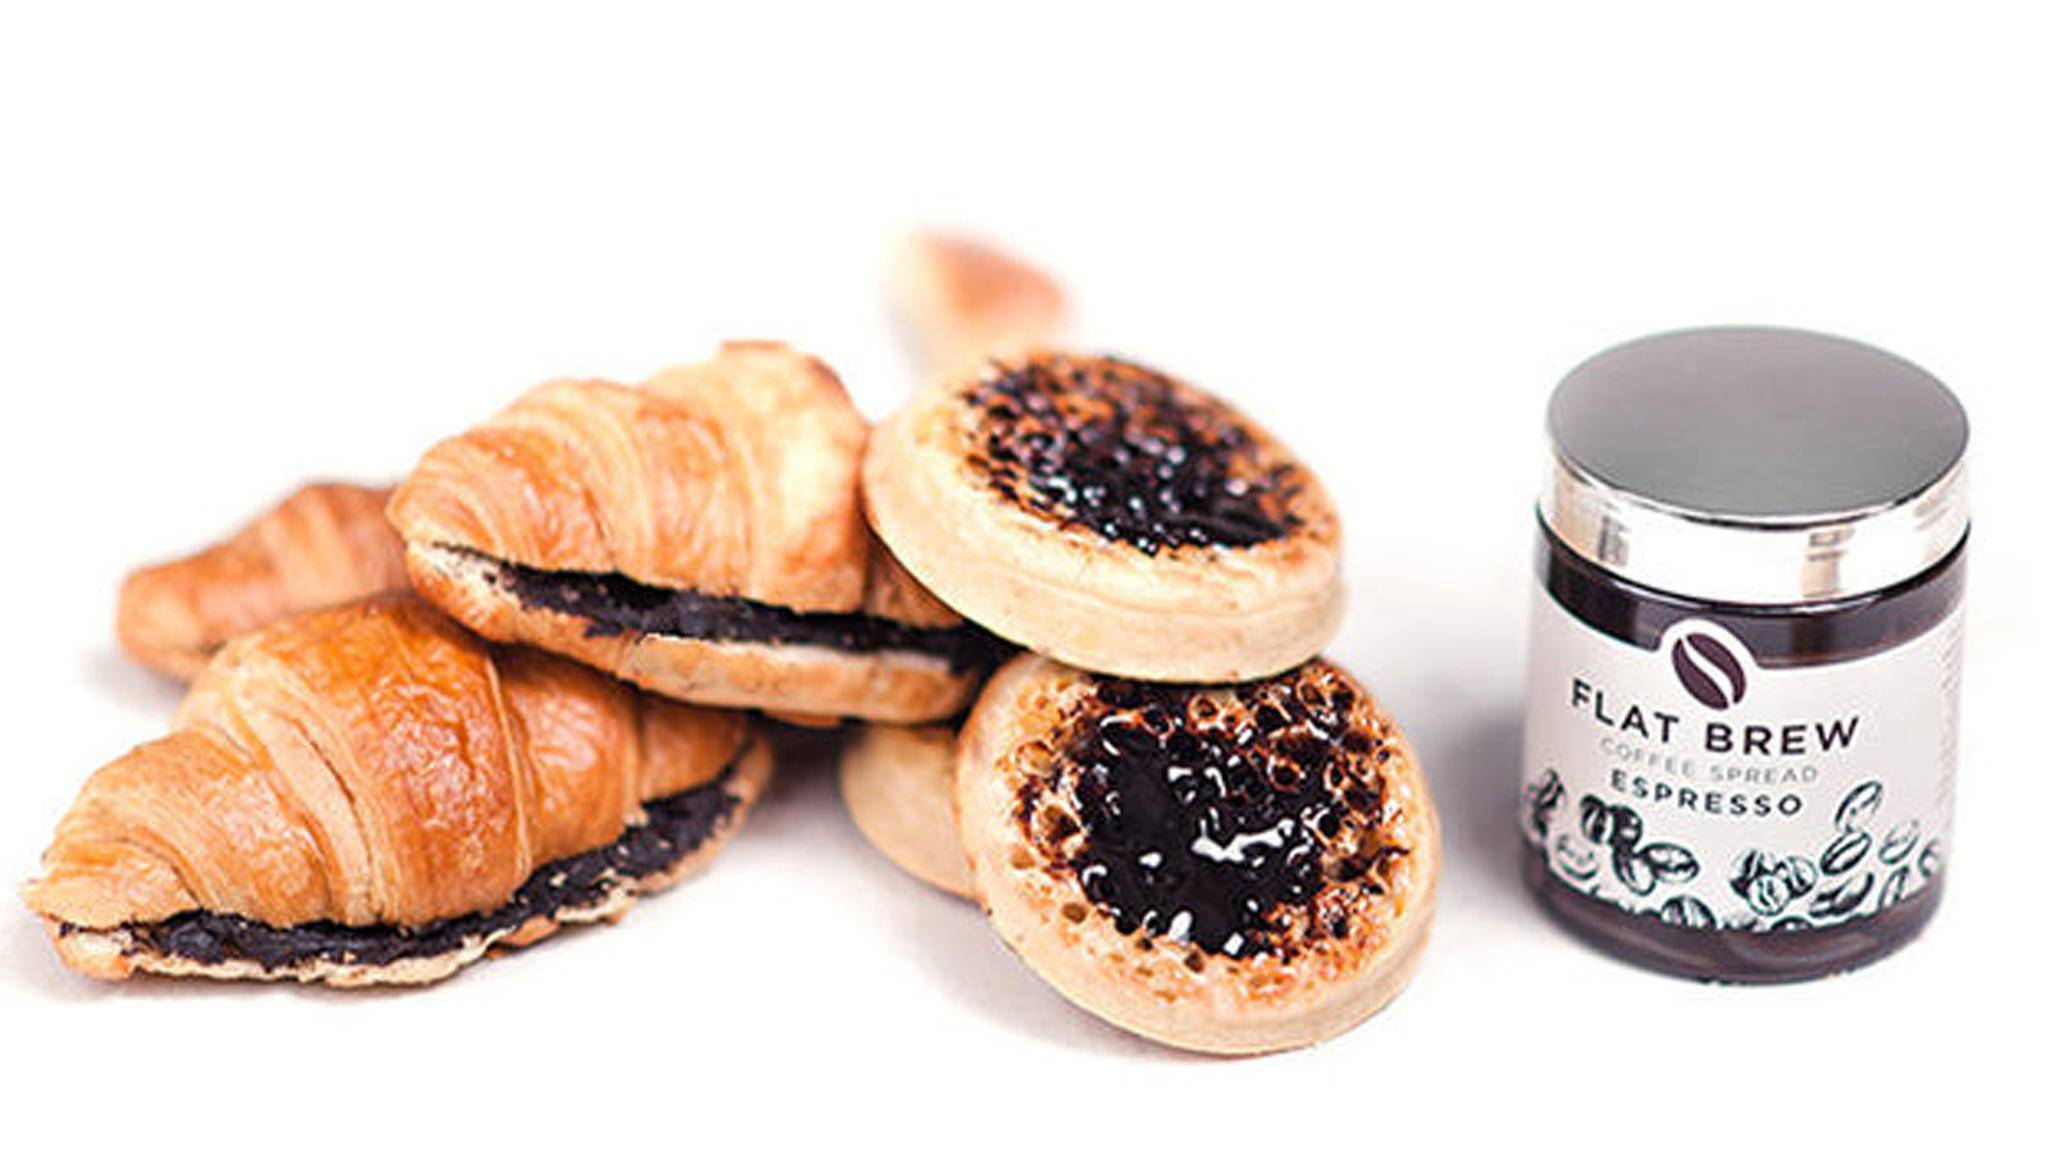 Ist das die perfekte Fusion von Nutella und Kaffee?